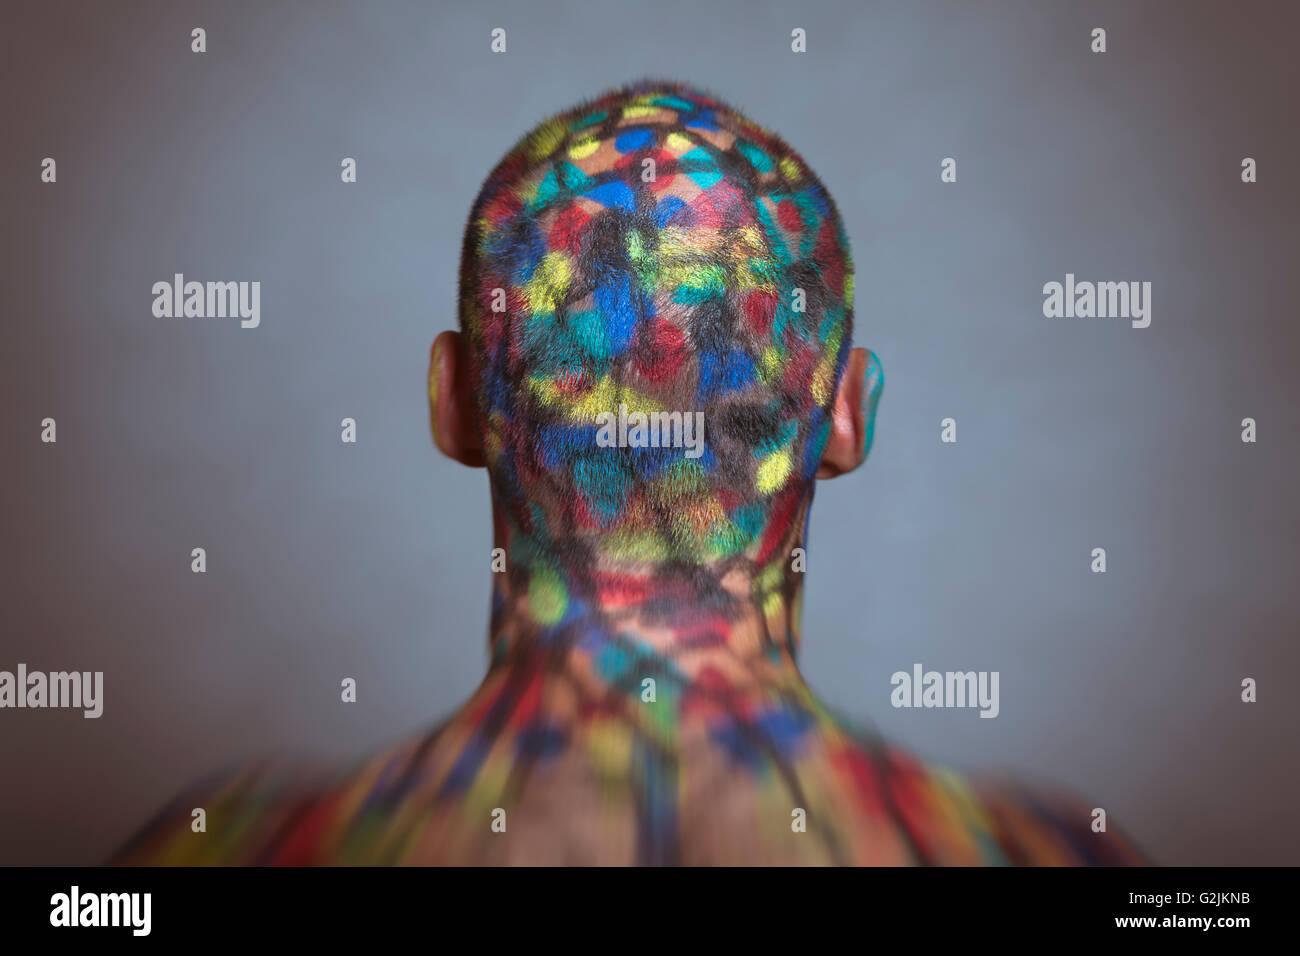 Vue arrière du super-héros, l'art de corps colorés avec Tilt Shift et effet de flou. Photo Stock